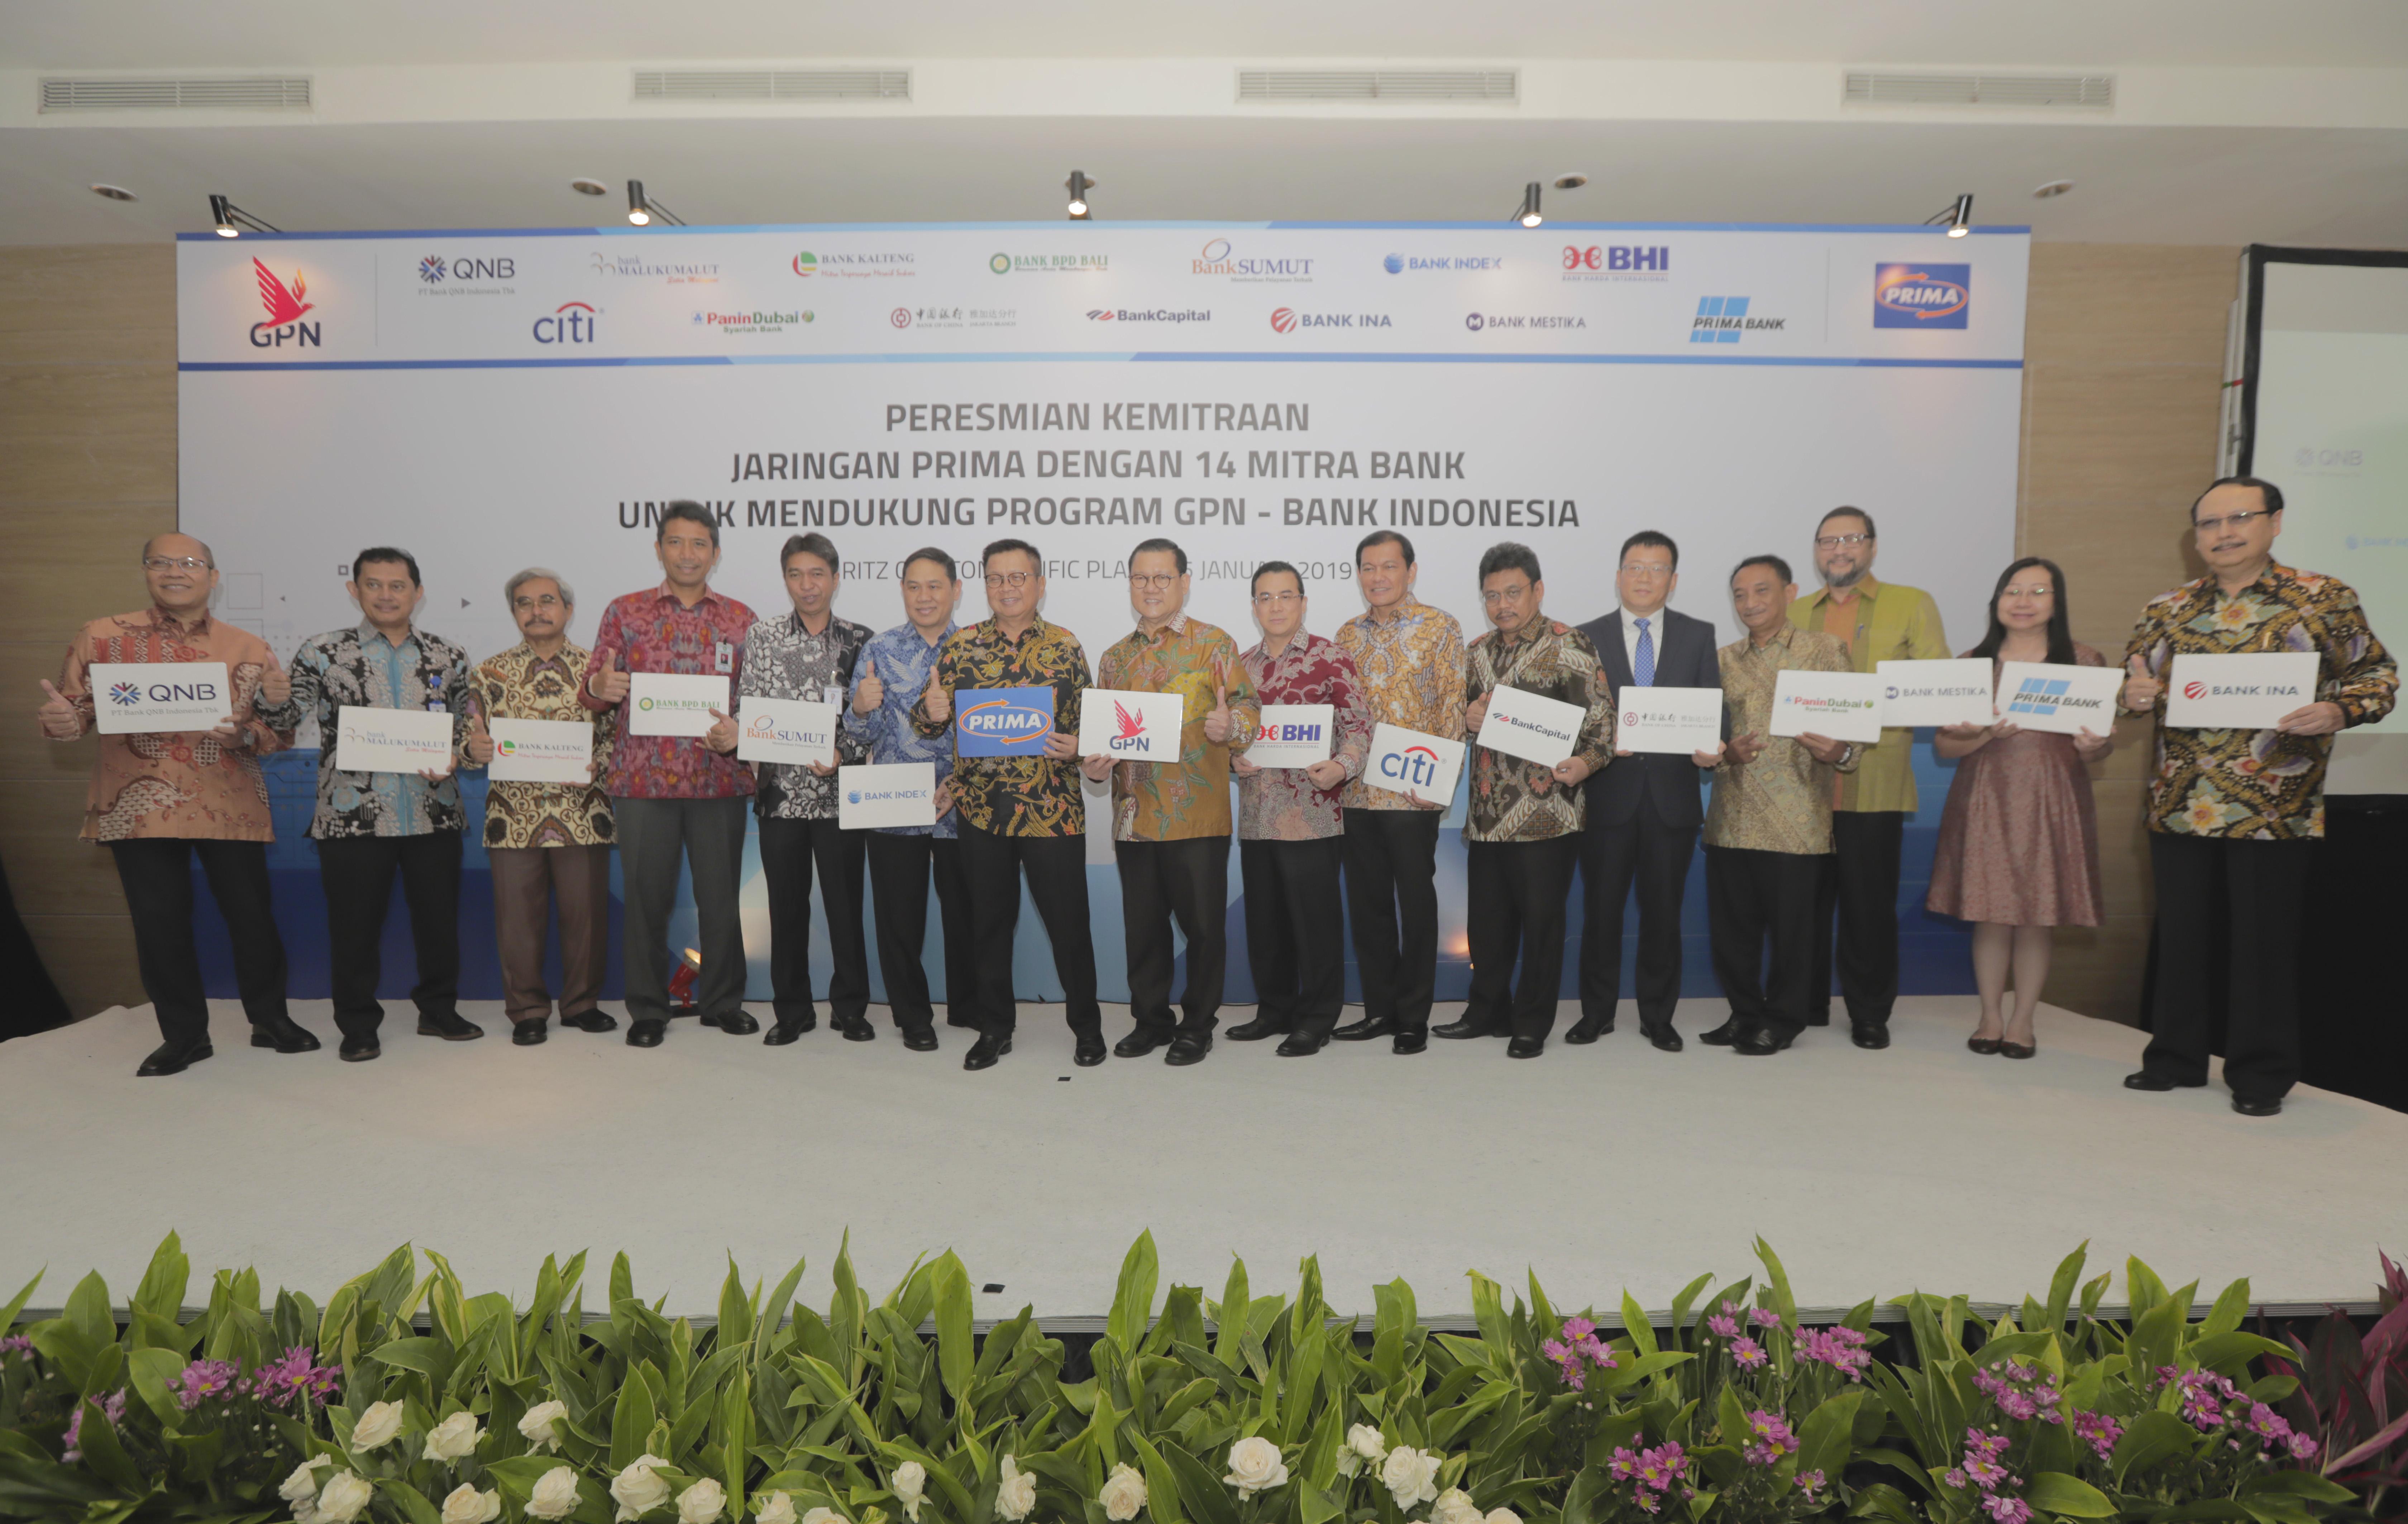 Peresmian Kemitraan Jaringan PRIMA dengan14 Mitra Bank untuk mendukung program GPN – BANK INDONESIA